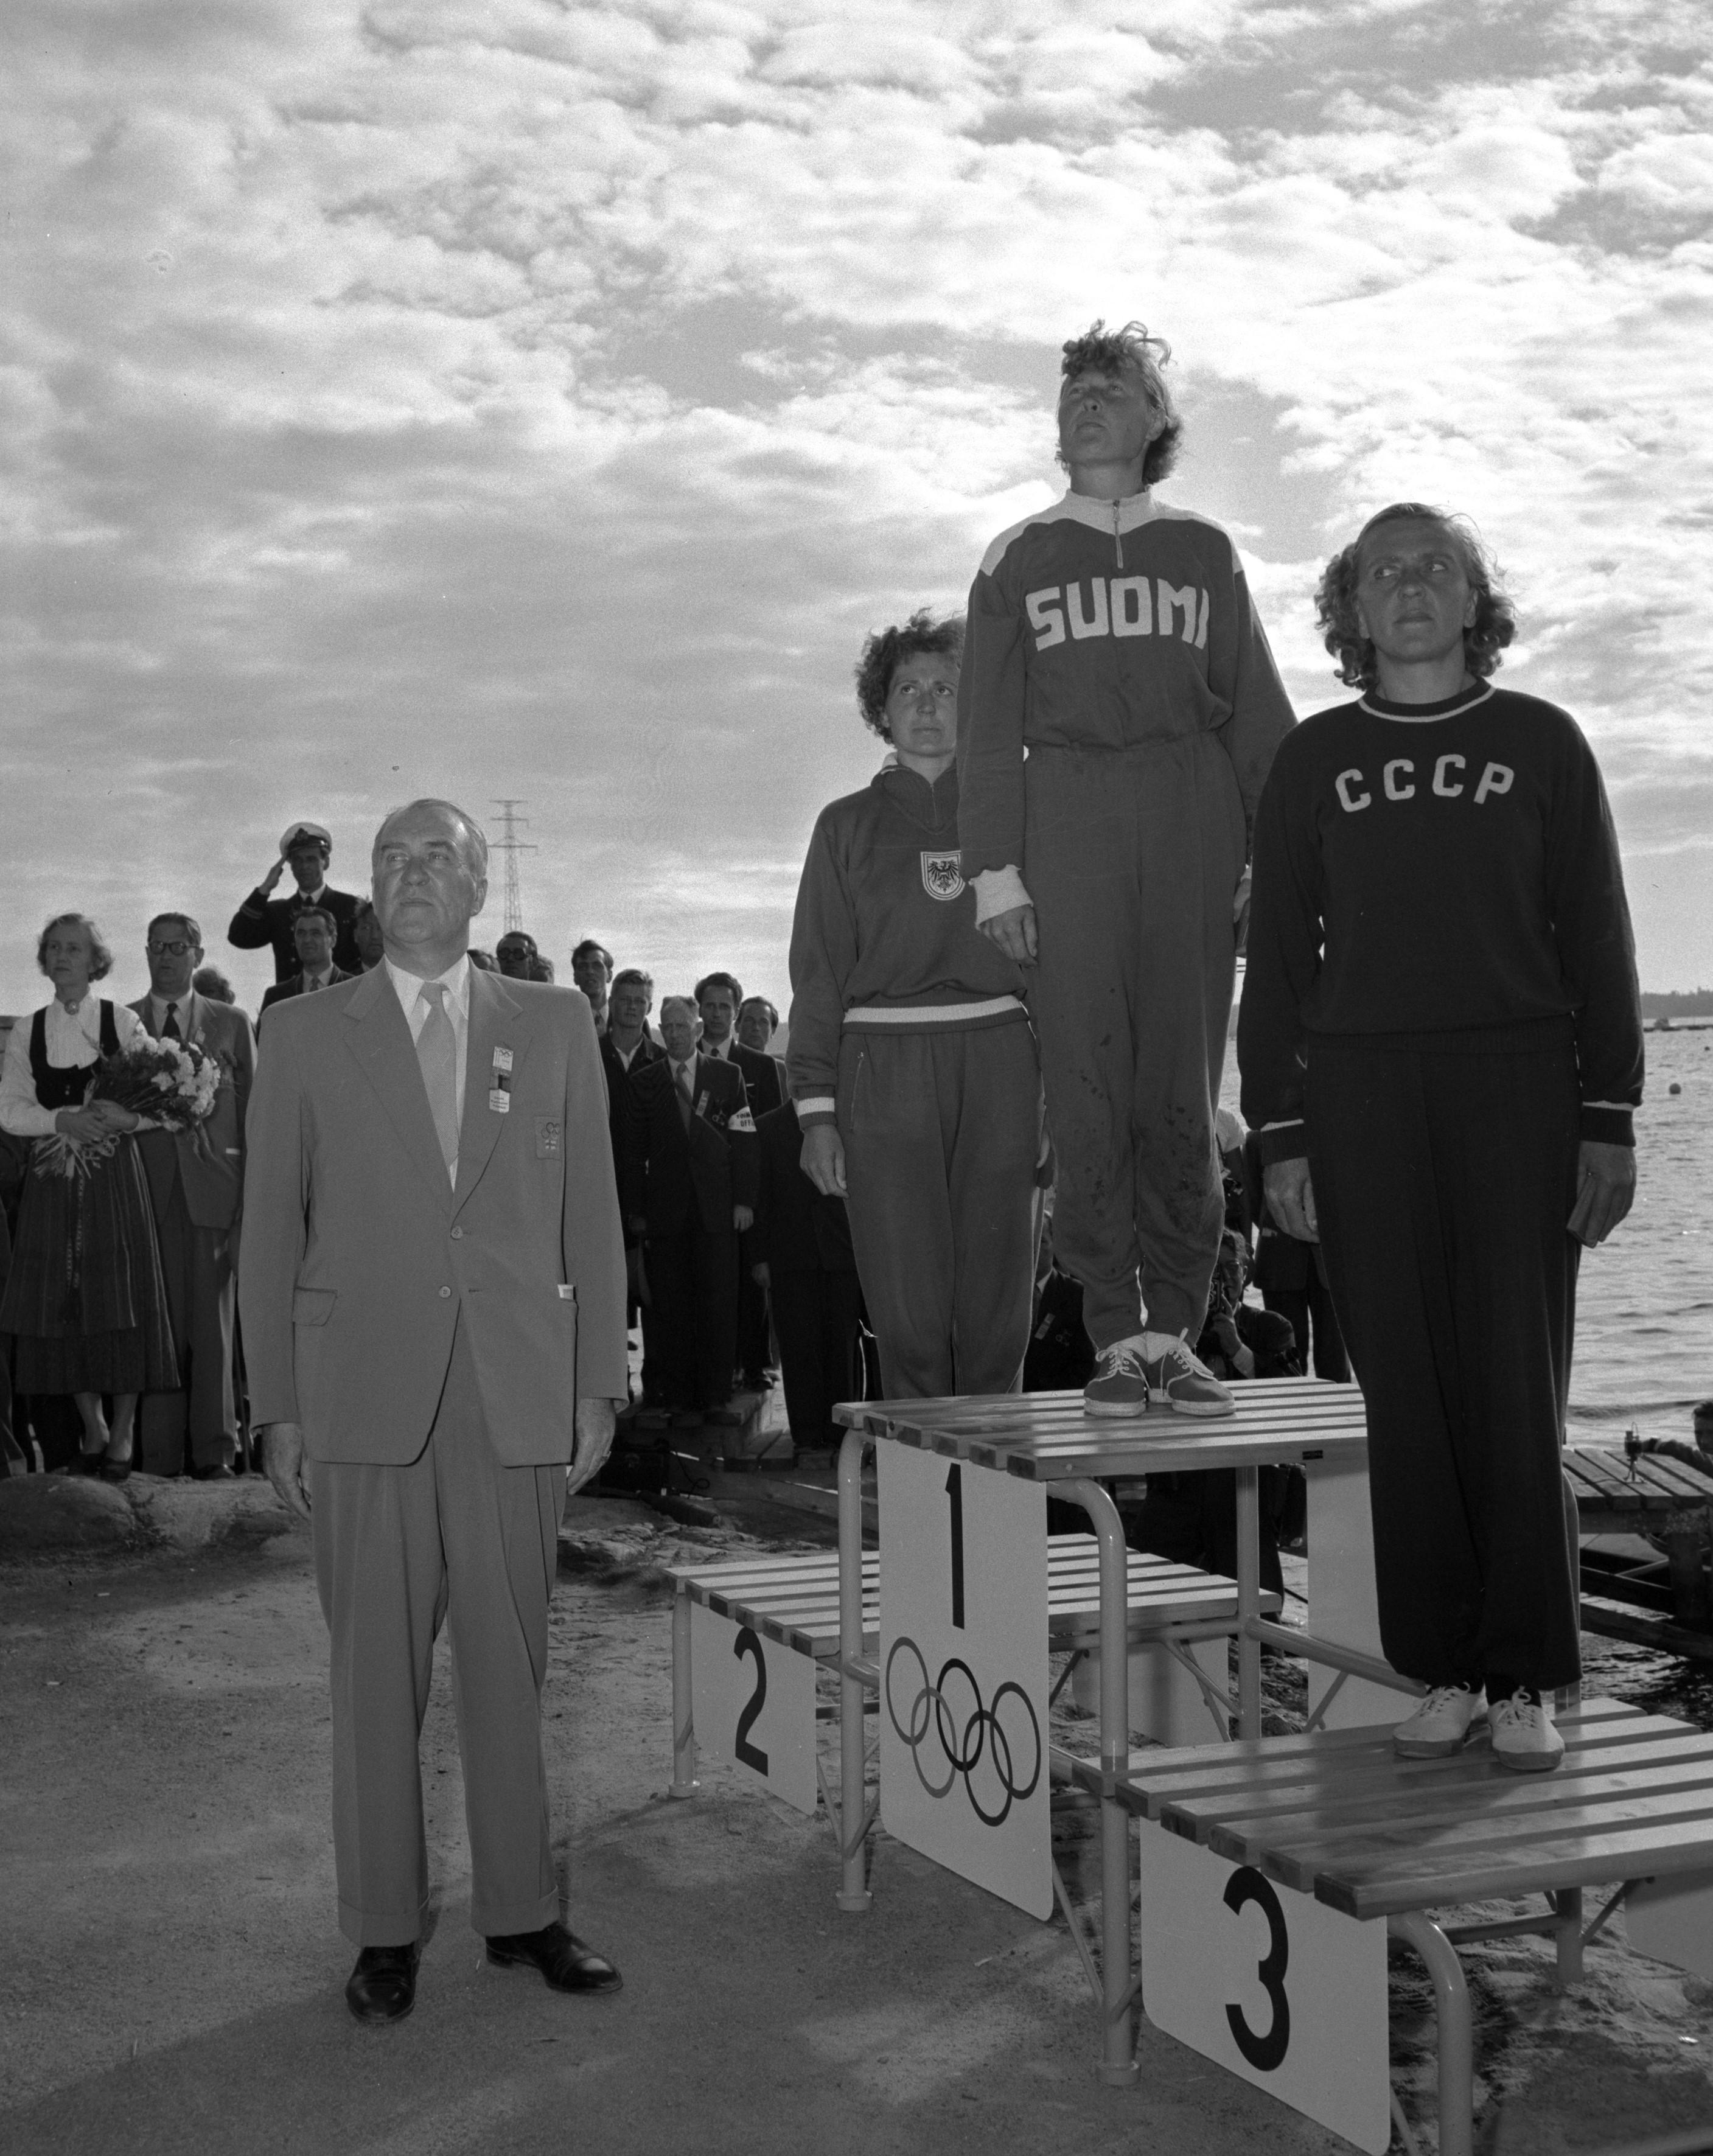 Sylvi Saimo voitti melonnan olympiakultaa Helsingissä 1952. Vertauskuvallisuuttaa lisäsi se, että Karjalan evakon voitti muun muassa kolmanneksi sijoittuneen neuvostourheilijan. (Suomen Urheilumuseo)